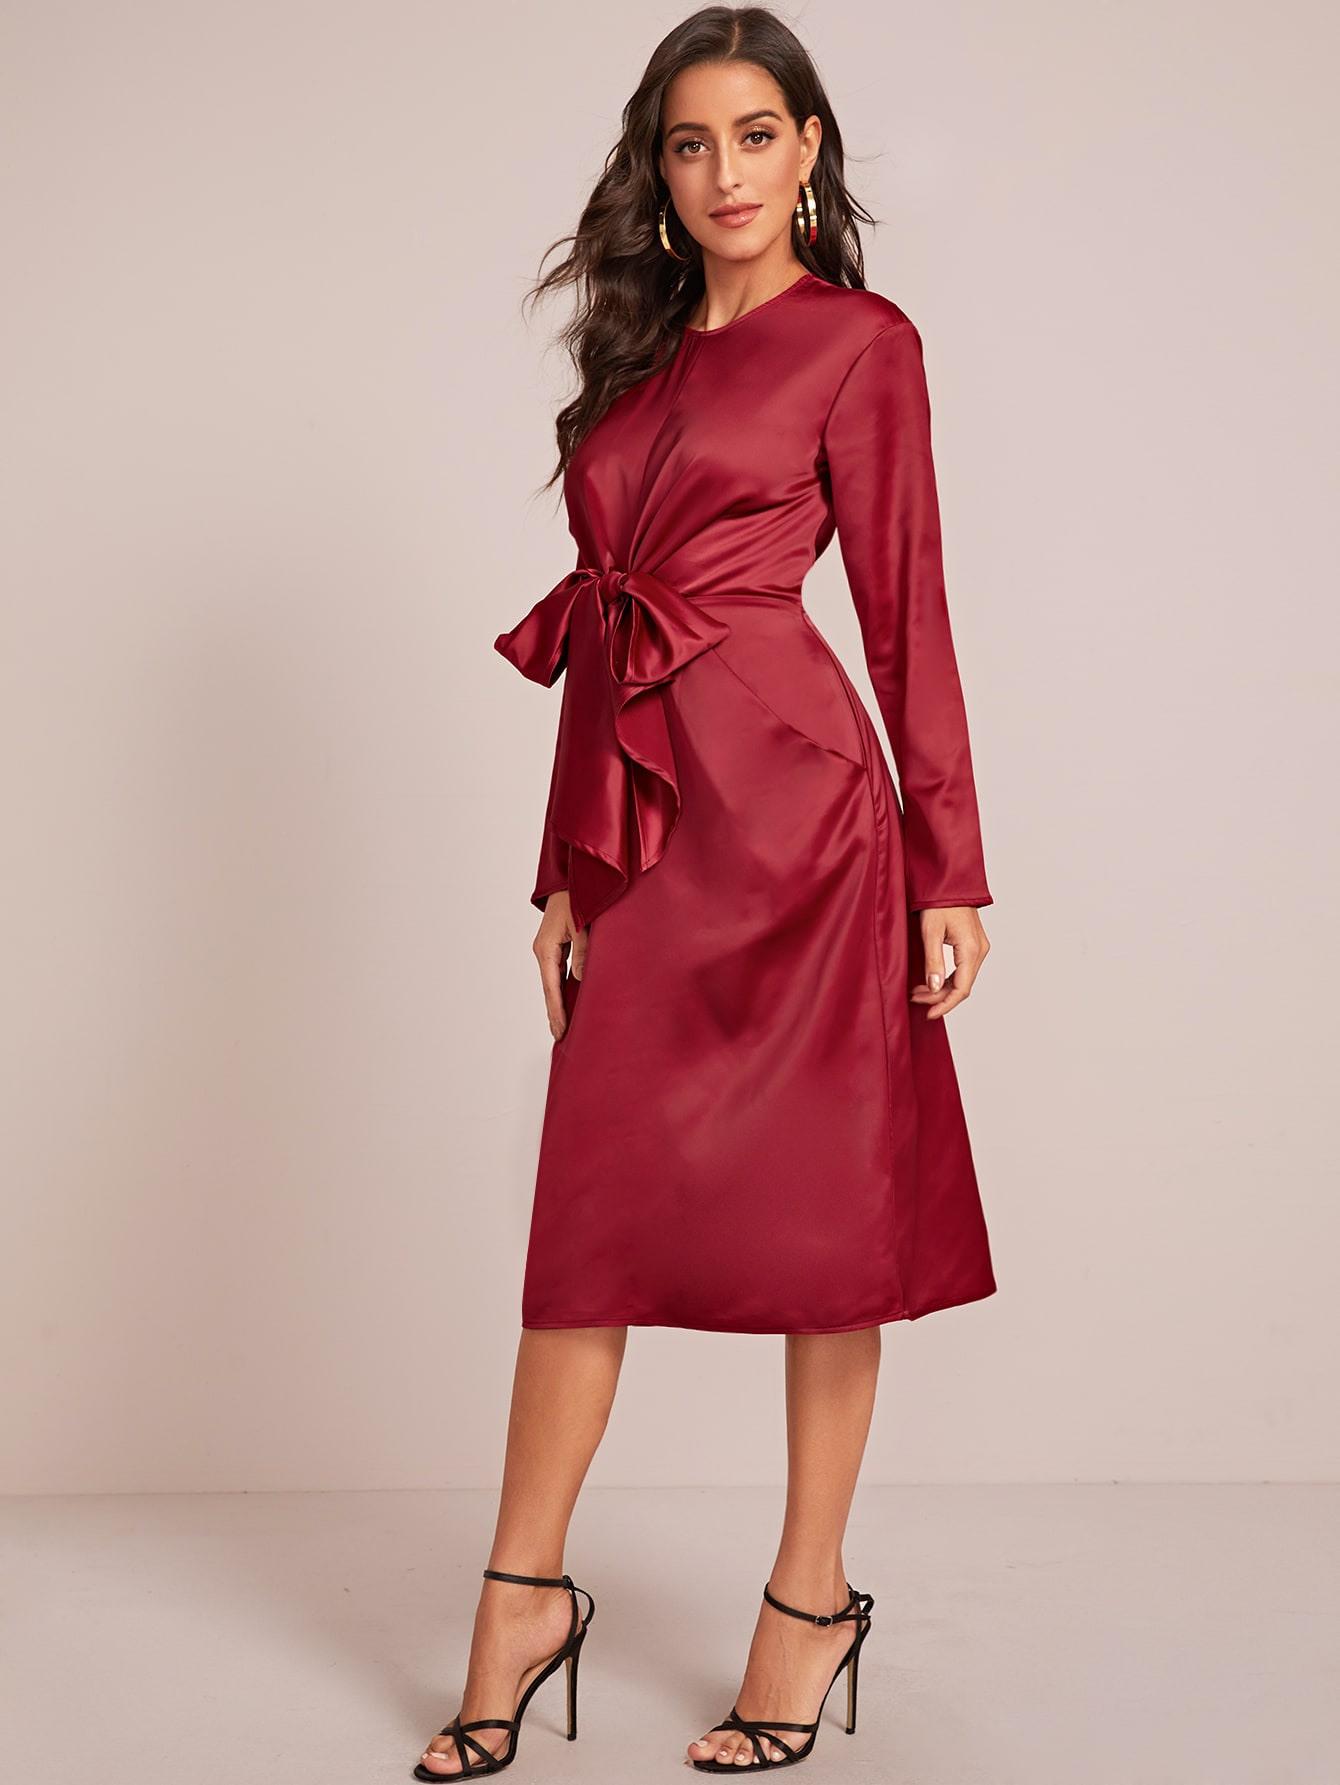 Shein / Rot Große Schleife Einfarbig Elegant Kleider